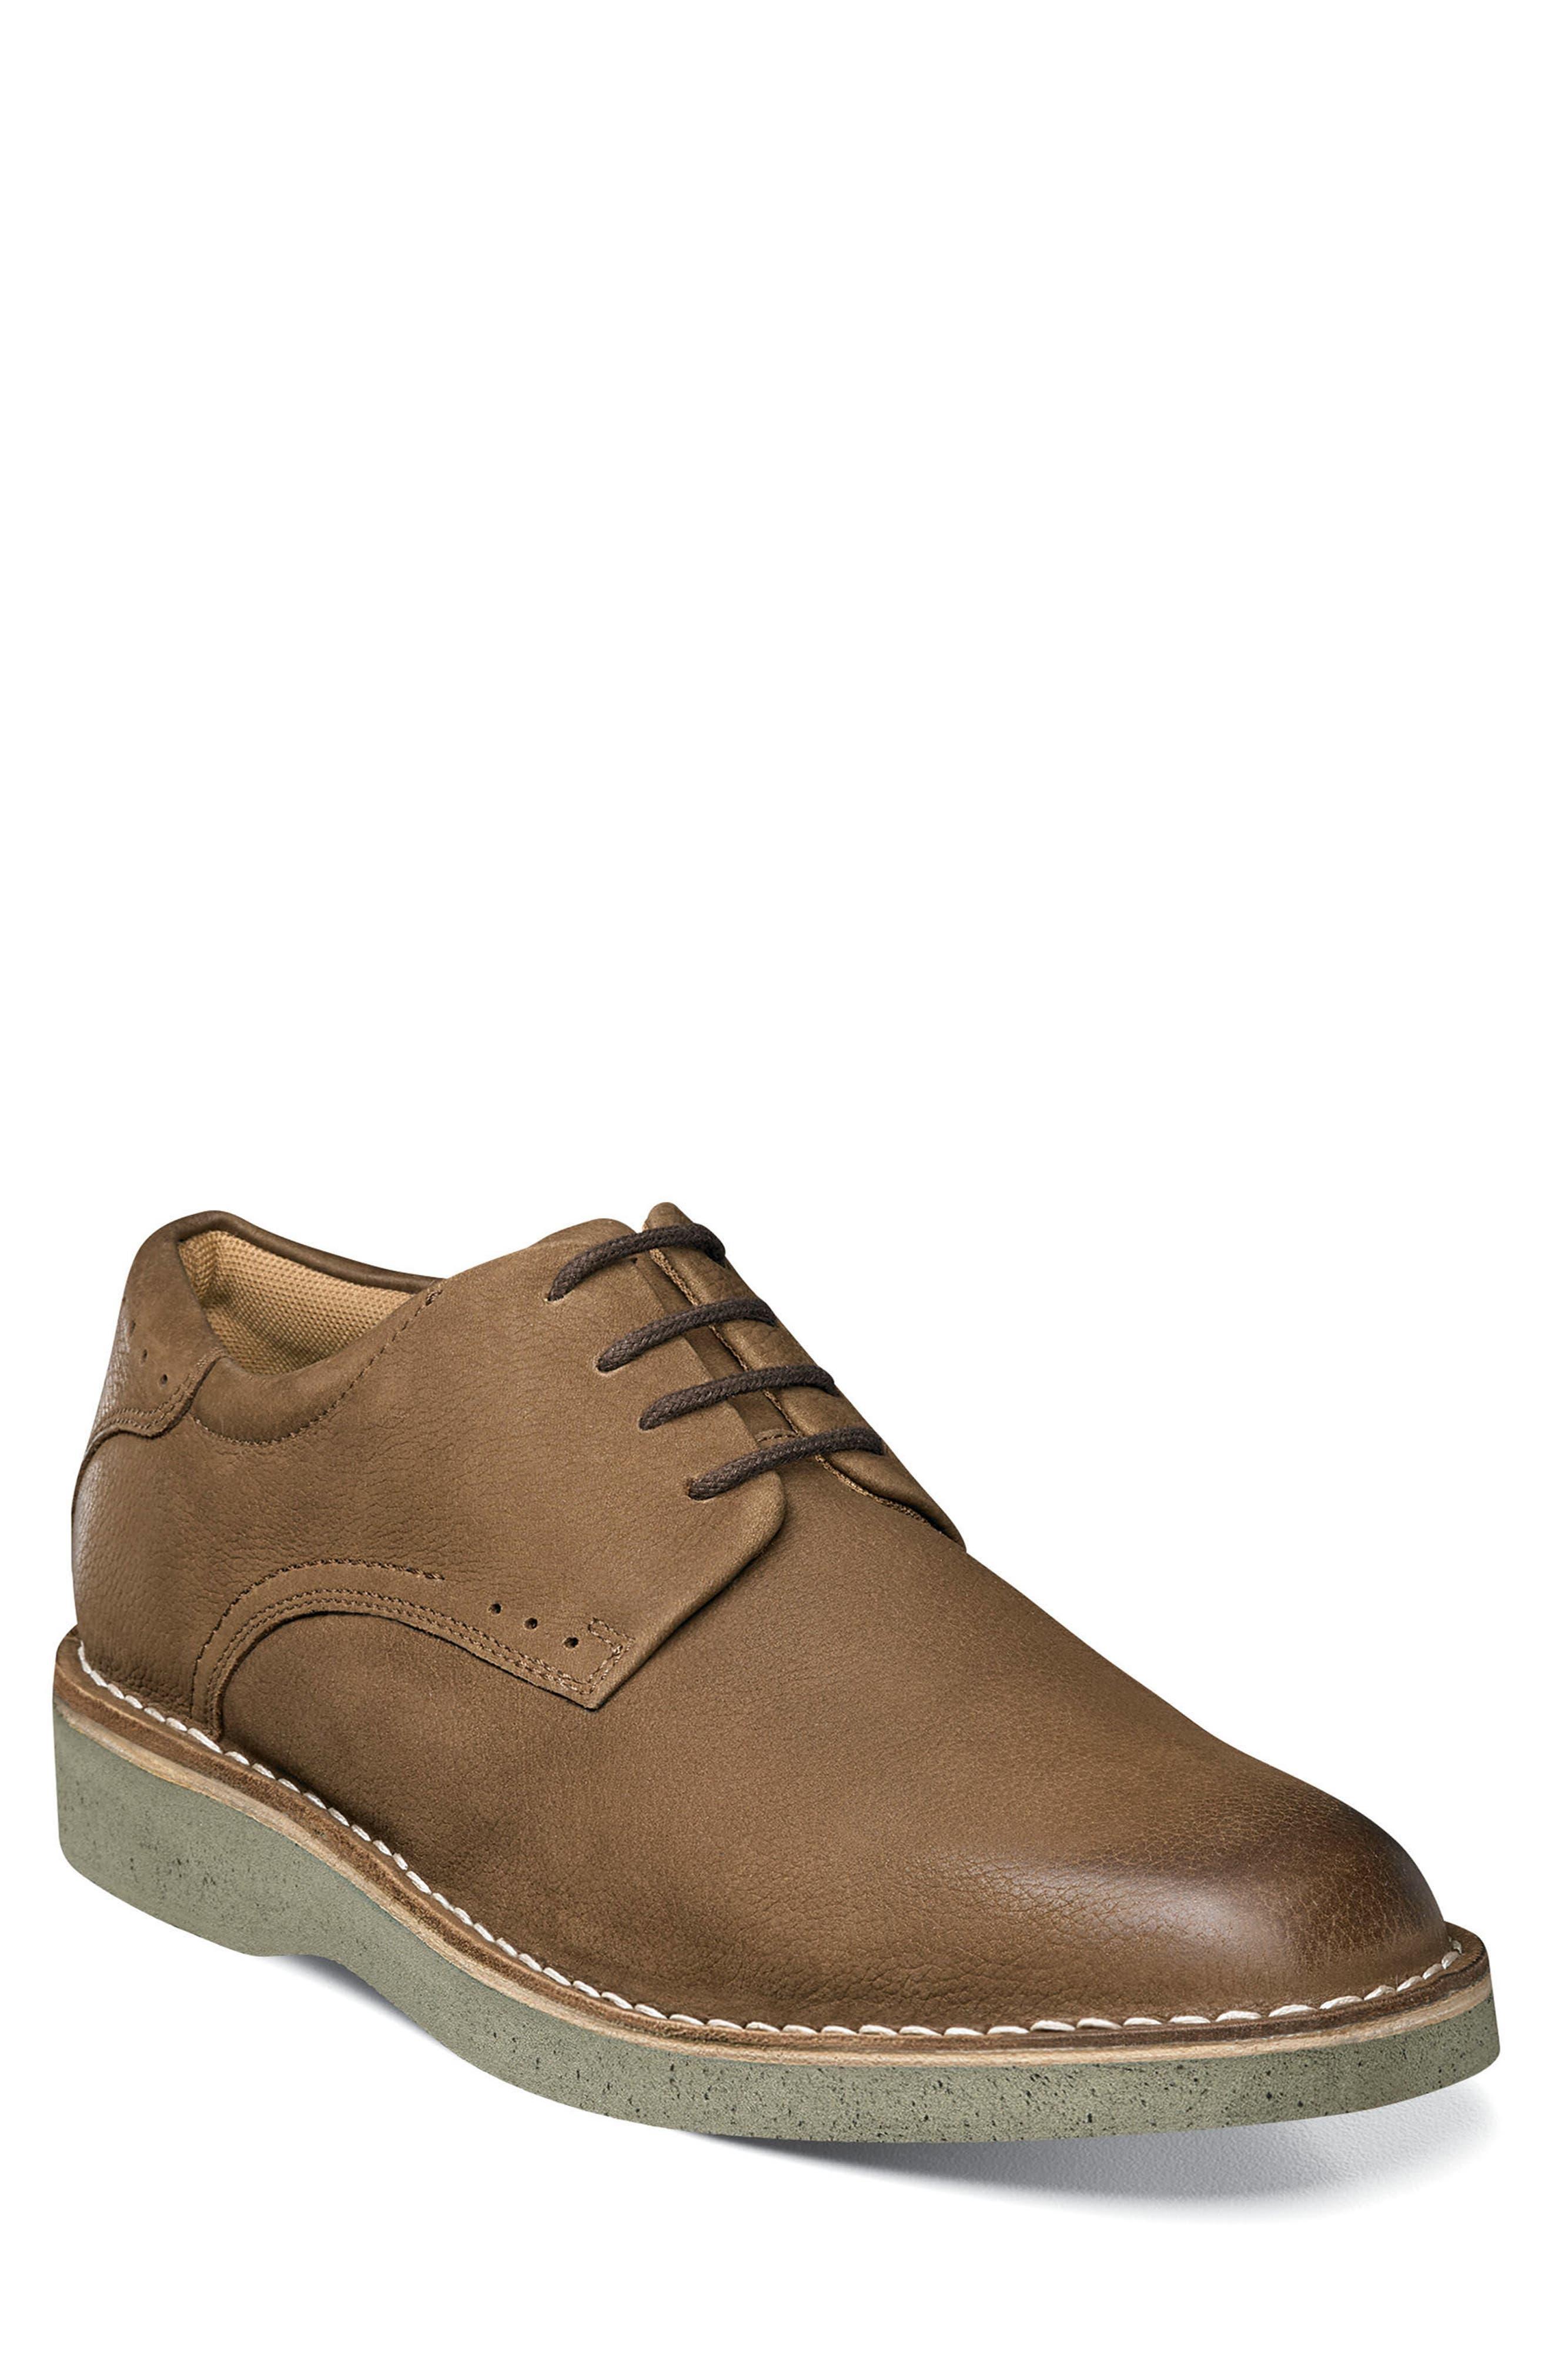 Navigator Plain Toe Oxford,                         Main,                         color, Cocoa Nubuck Leather